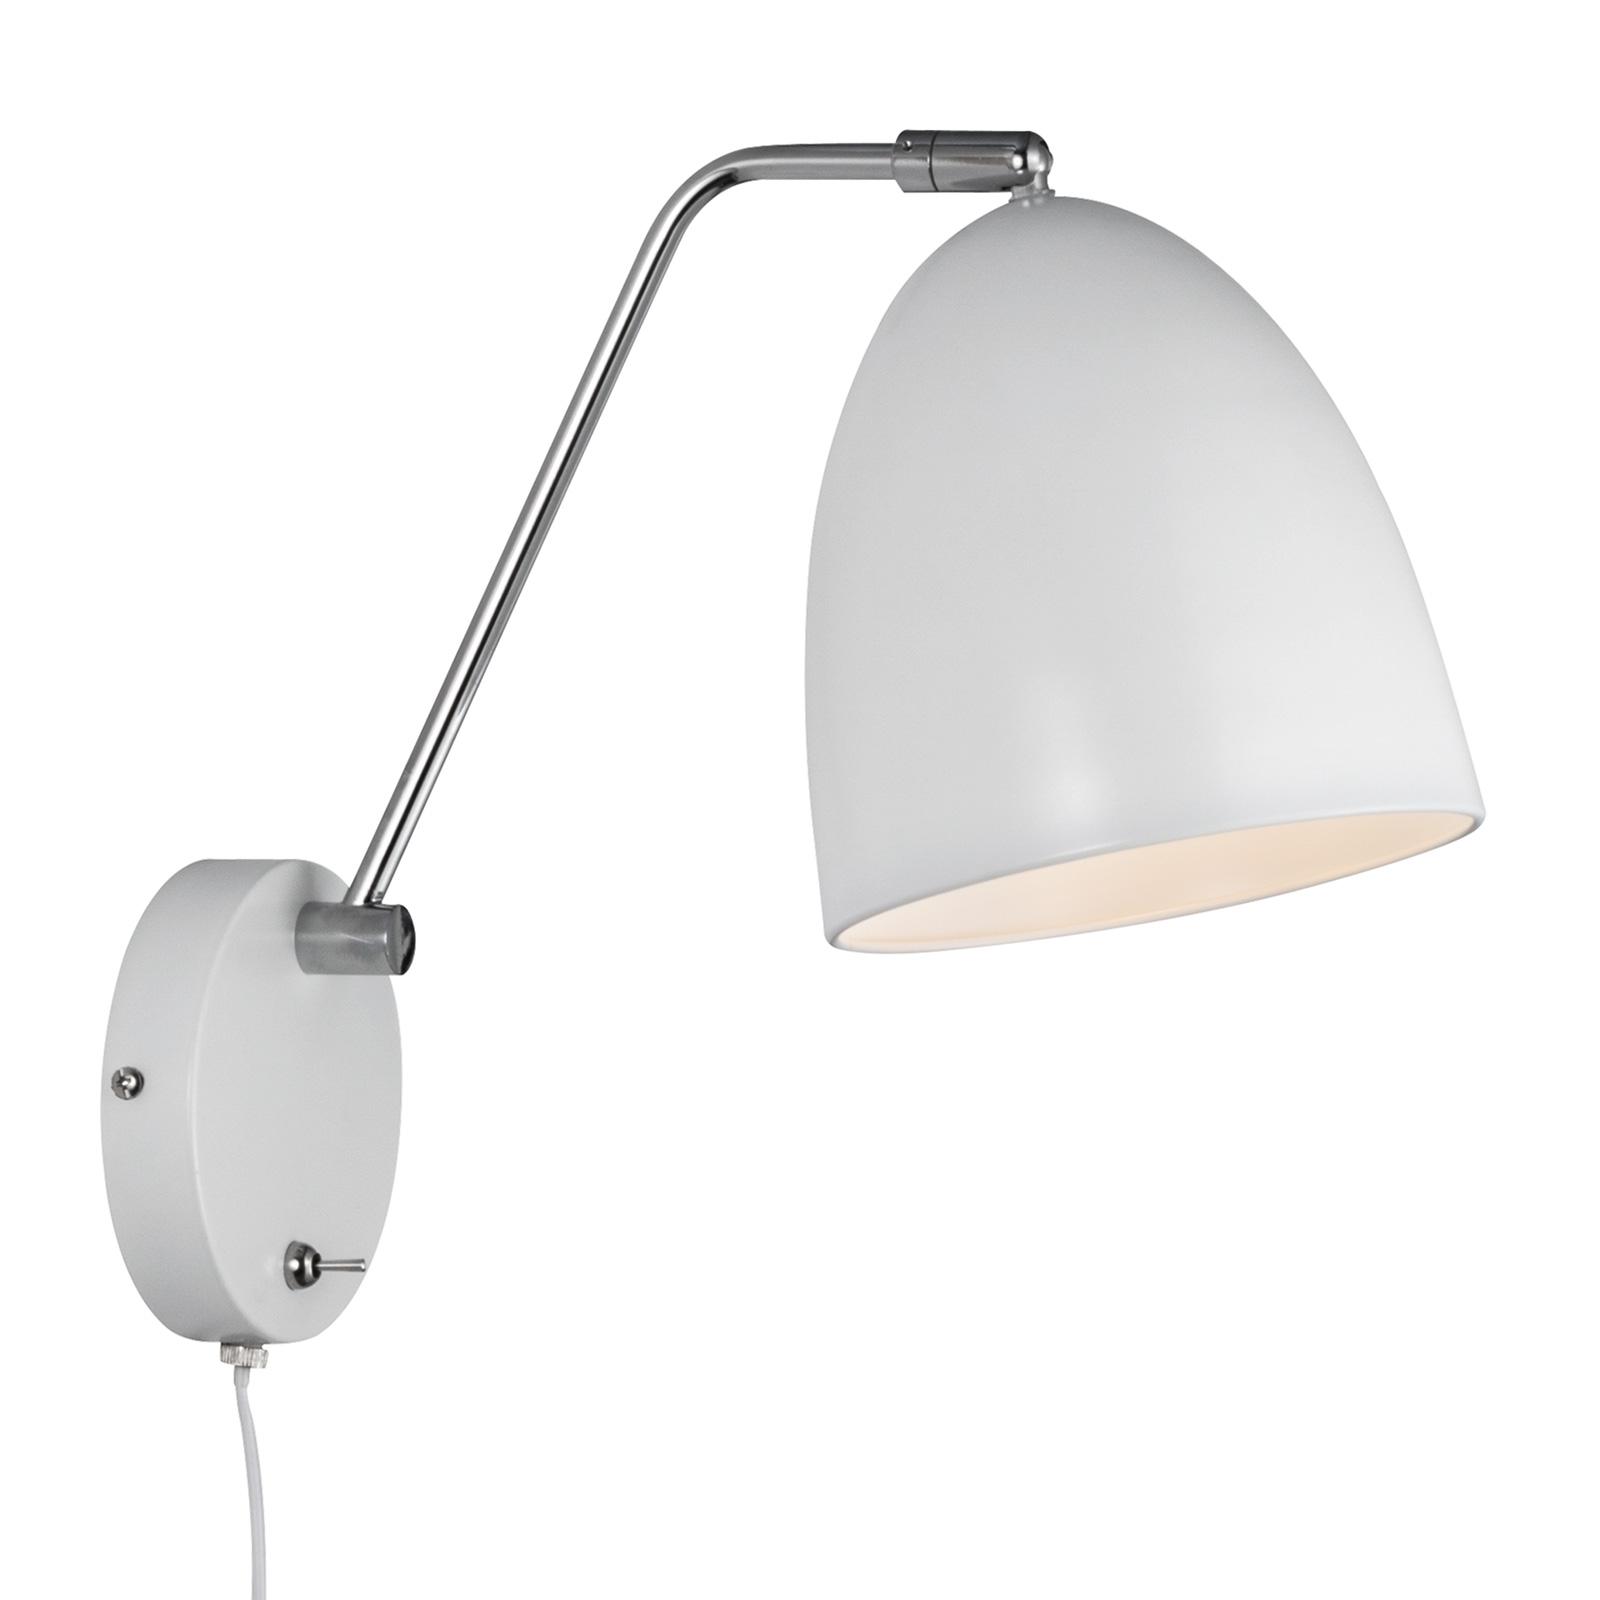 Wandlamp Alexander met kabel en stekker, wit